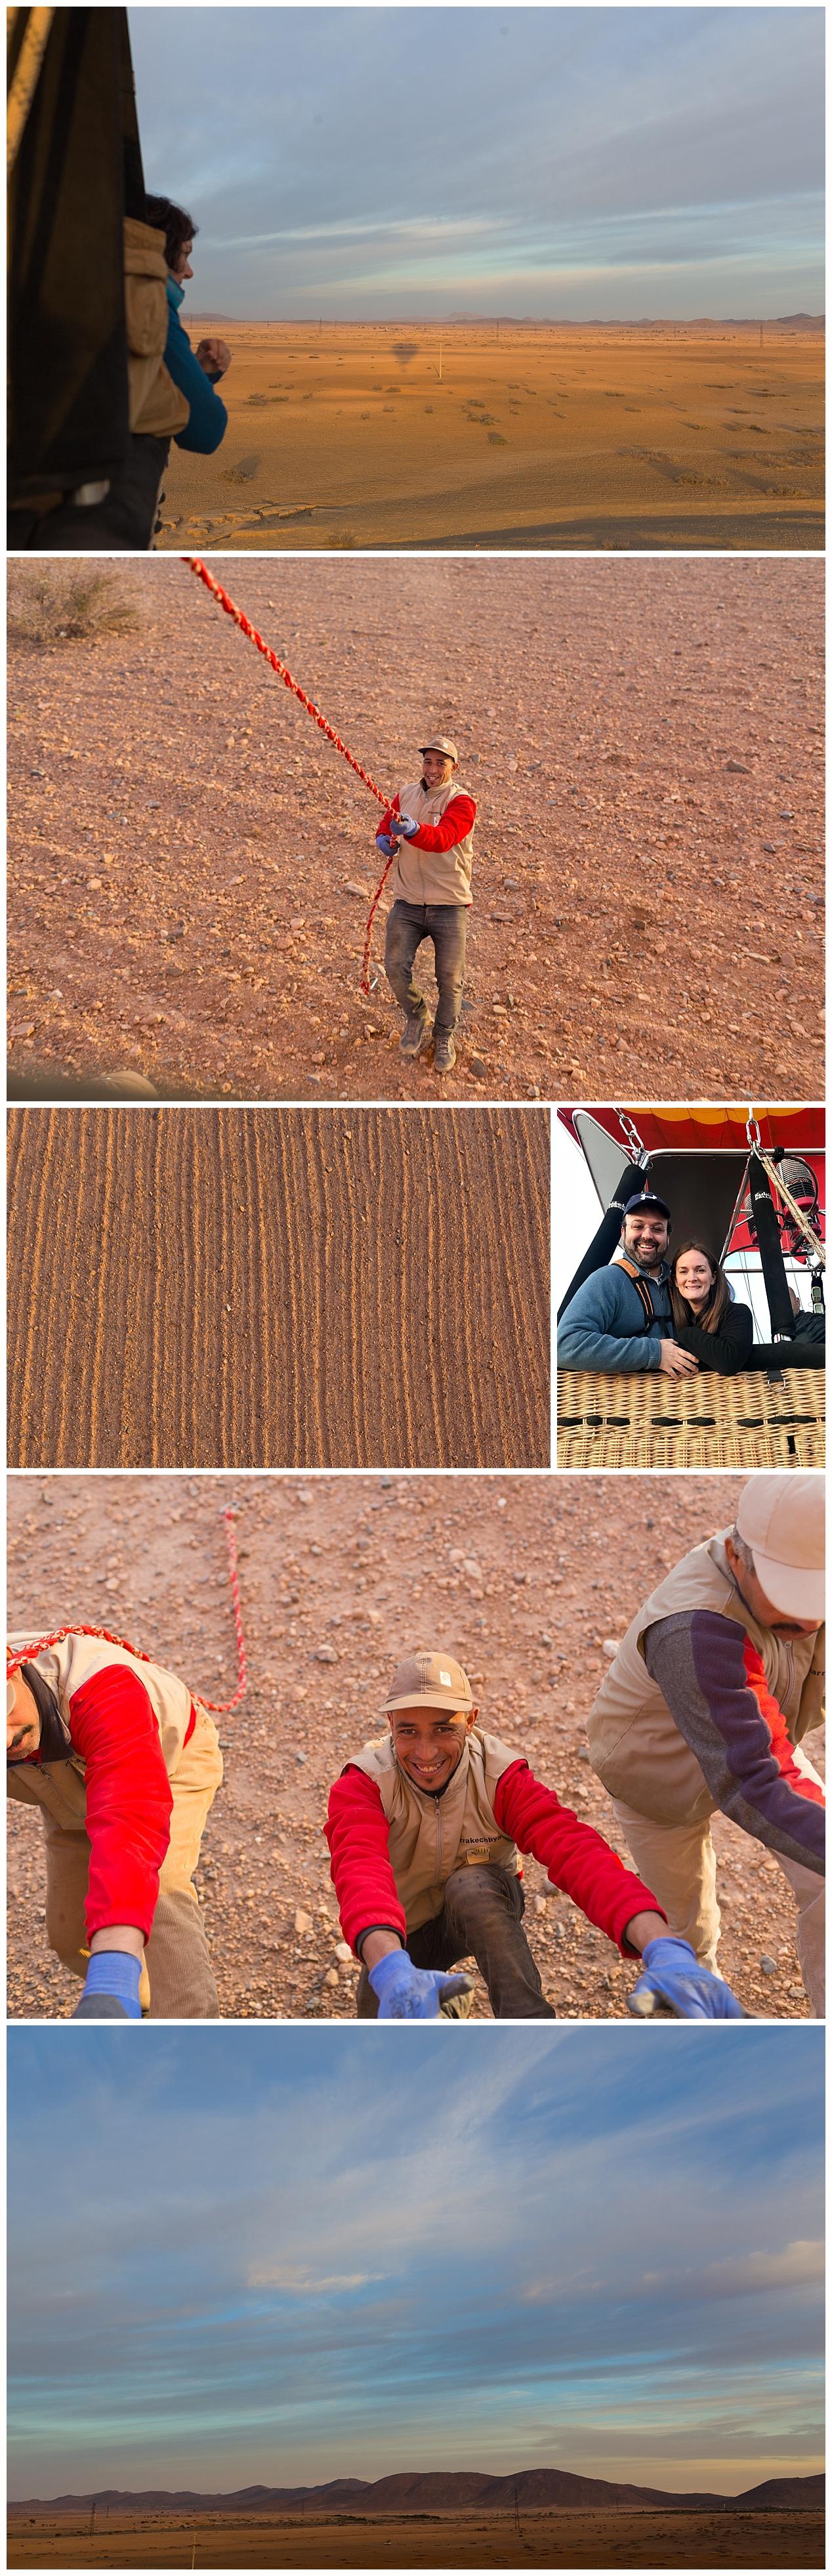 hot air balloon landing in the Sahara desert - Morocco tourism